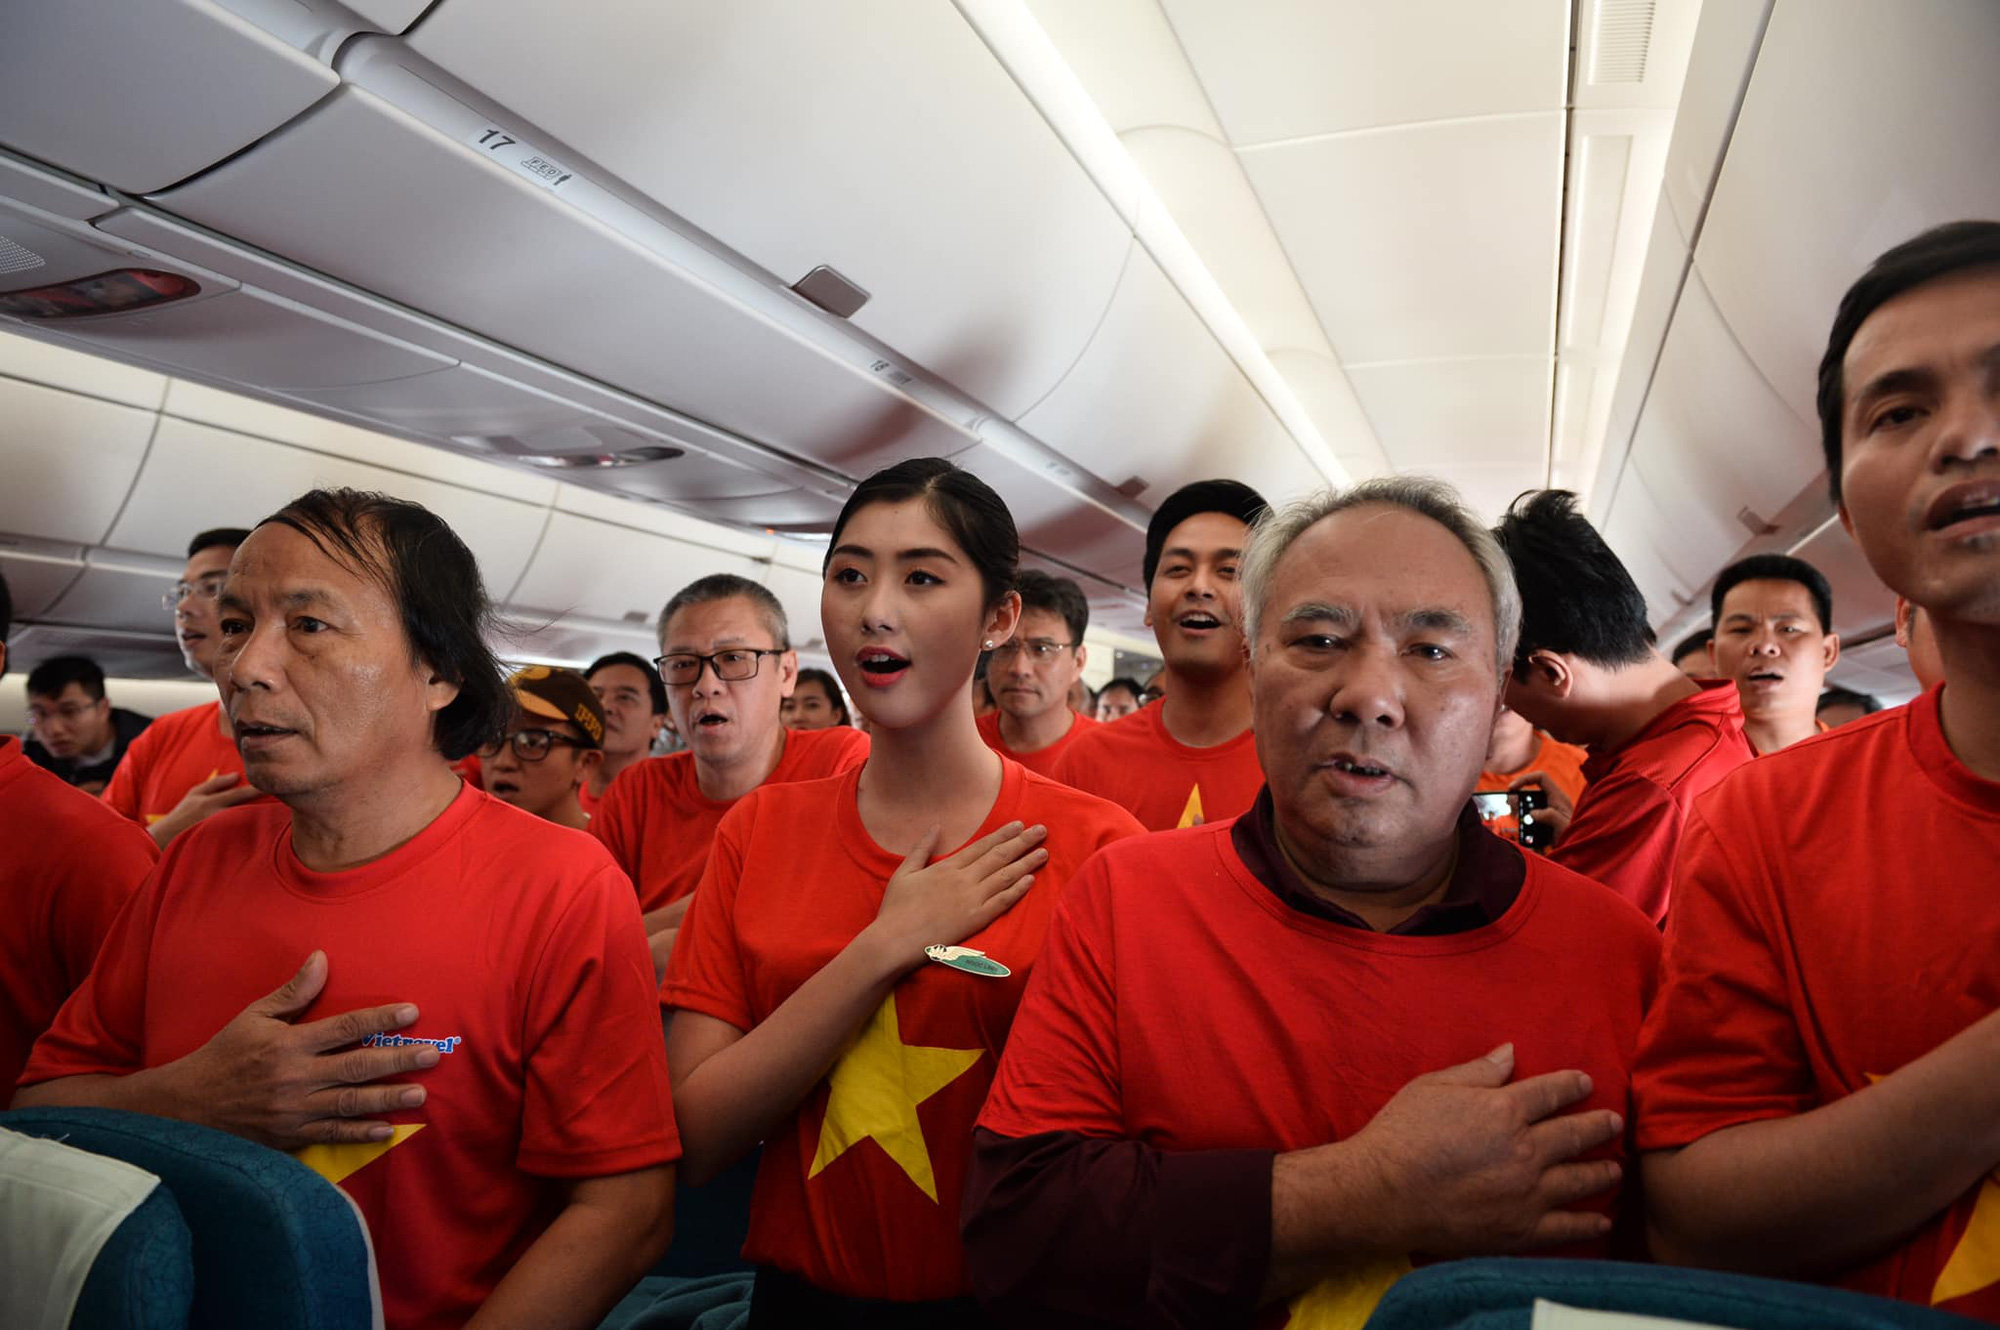 Tăng thêm 6 chuyến bay sang Philippines phục vụ người hâm mộ tham dự Chung kết bóng đá nam SEA Games 30 - Ảnh 1.